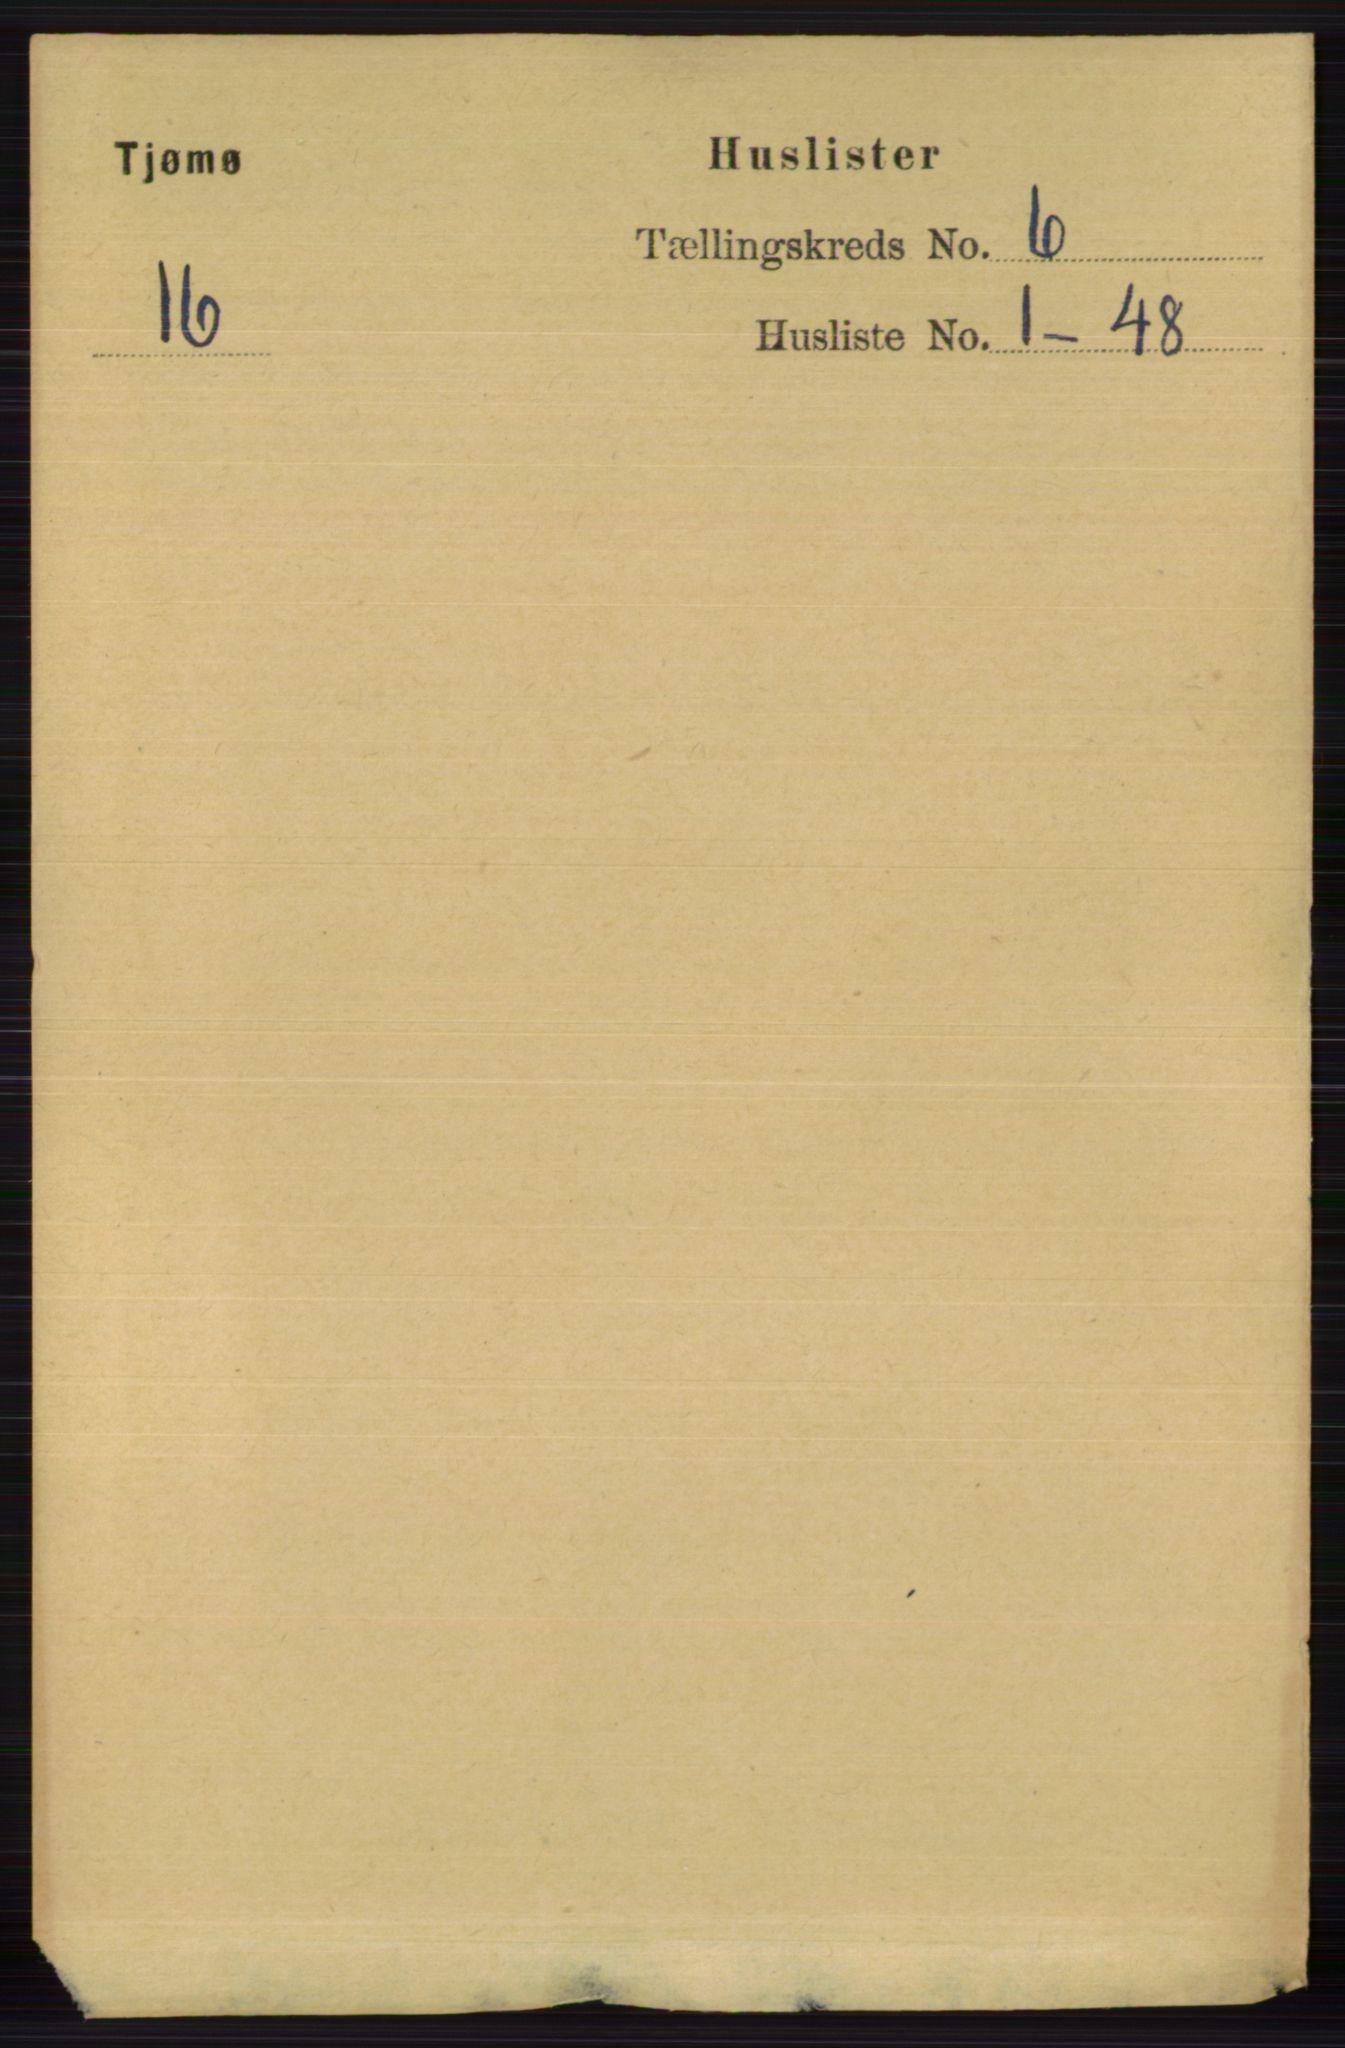 RA, Folketelling 1891 for 0723 Tjøme herred, 1891, s. 2058